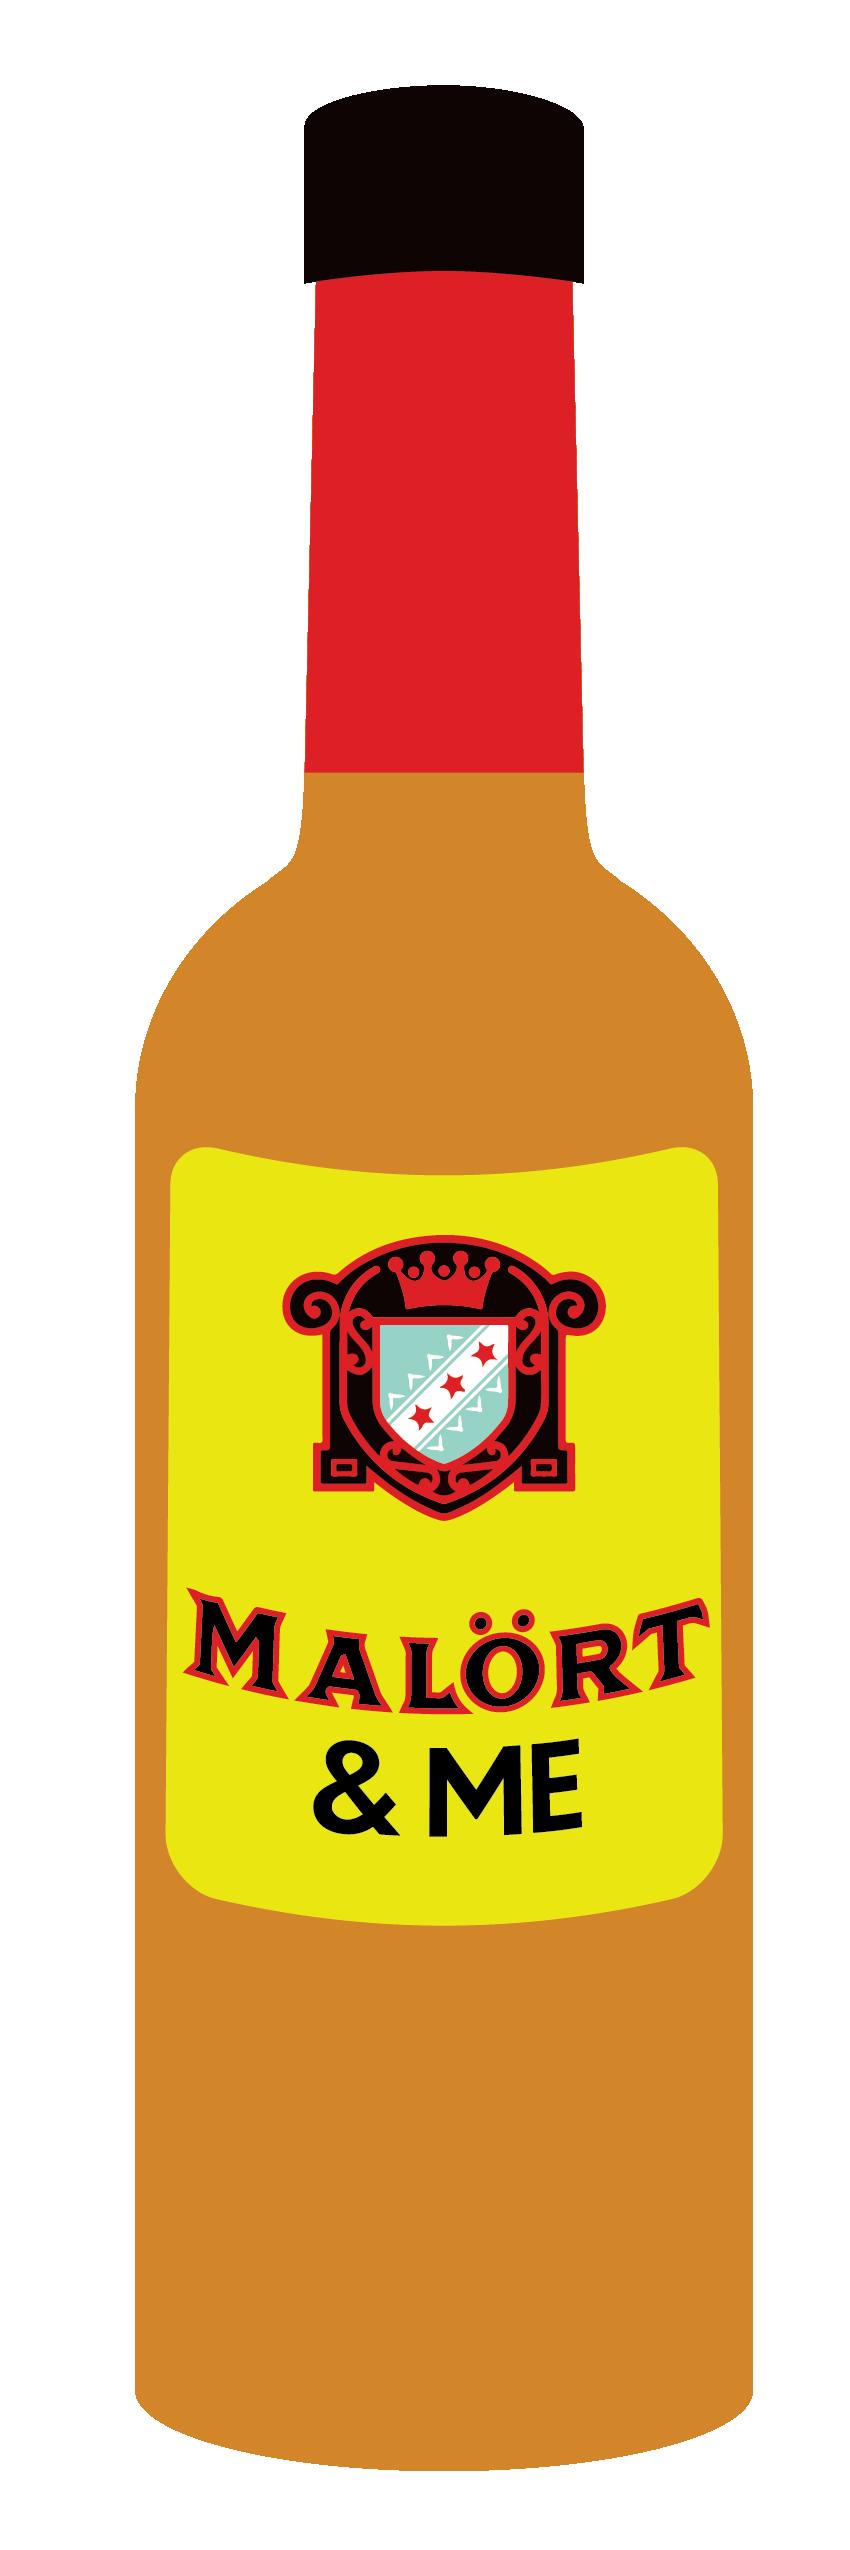 a bottle of Malört